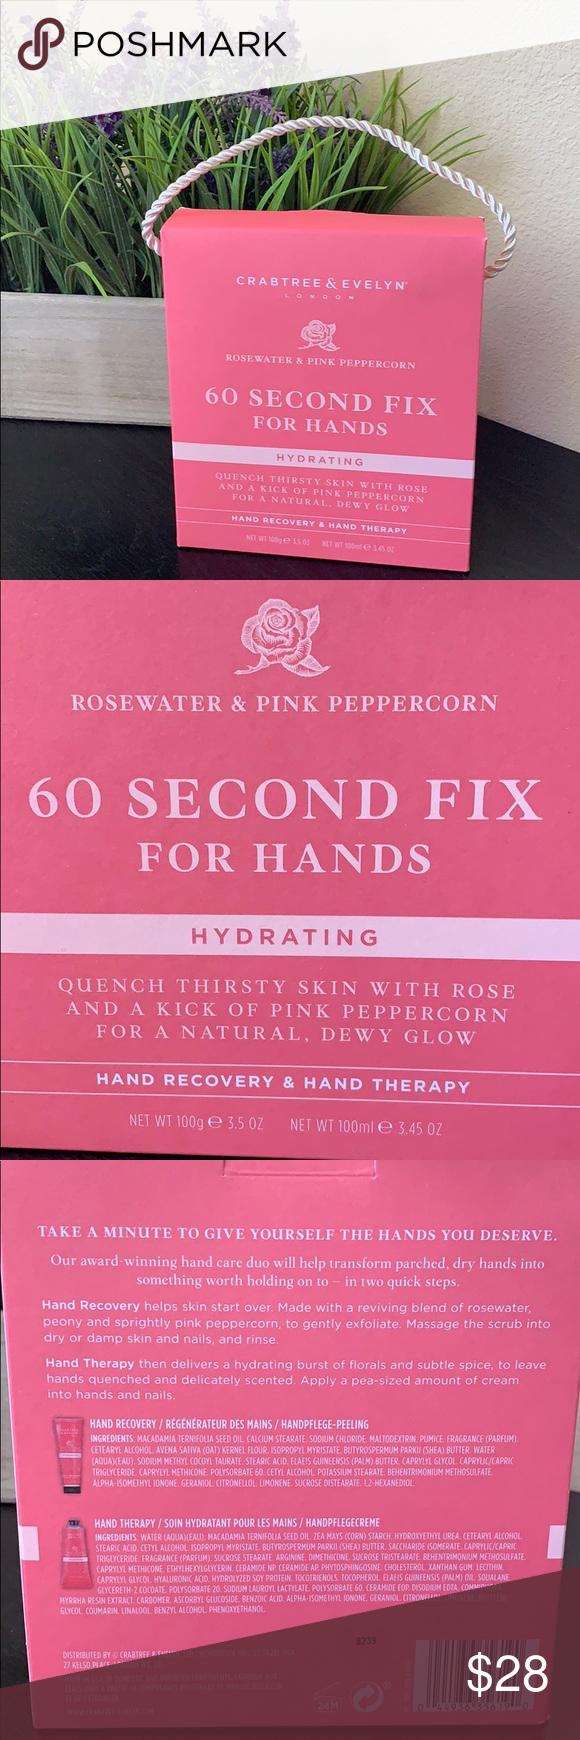 1948e252df485fa939dab46bd261bdf0 - Gardeners 60 Second Fix For Hands